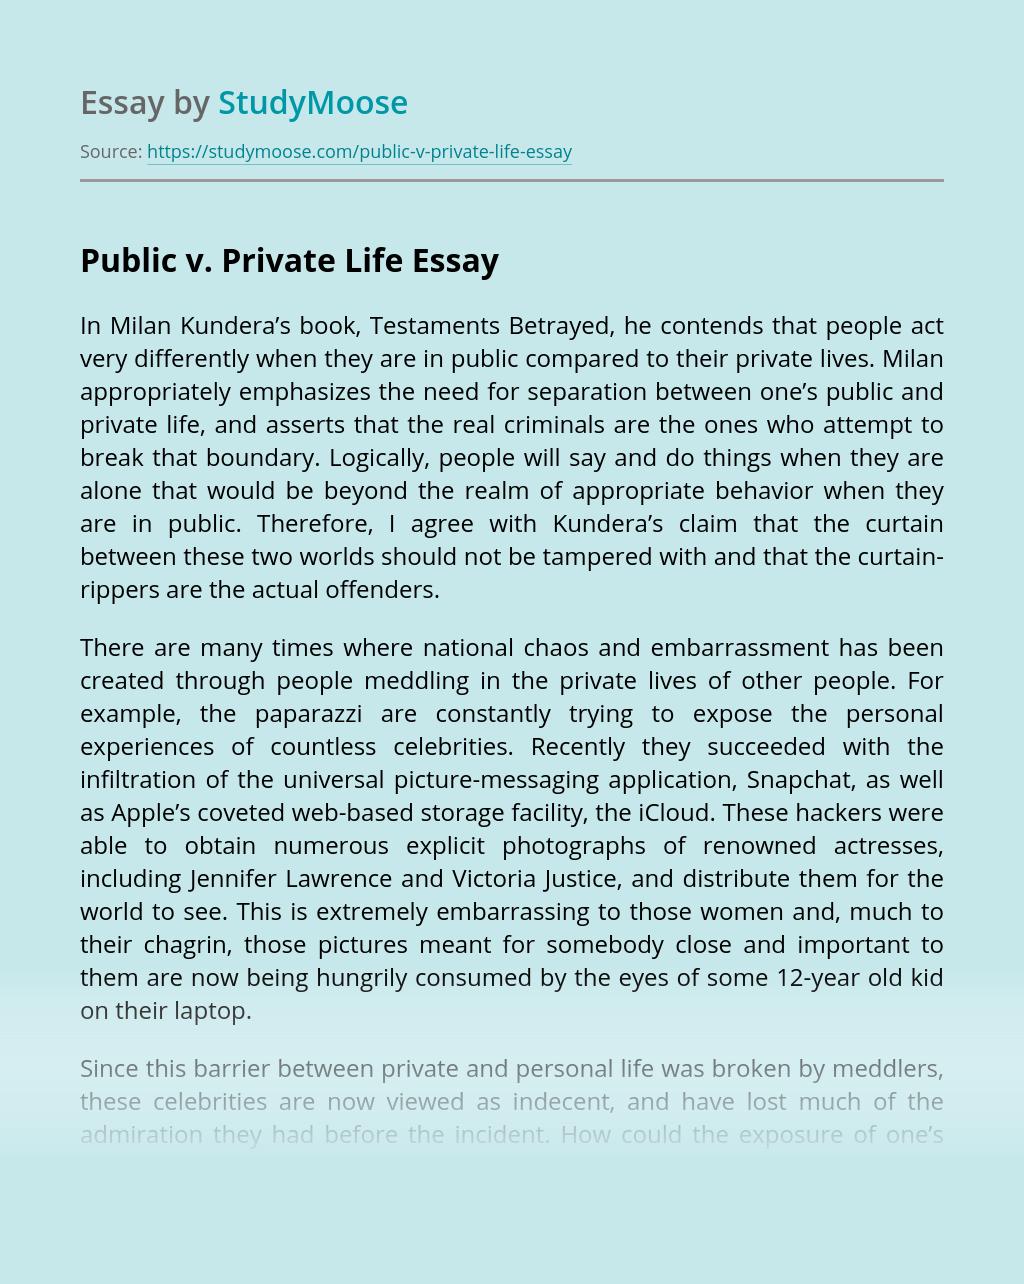 Public v. Private Life